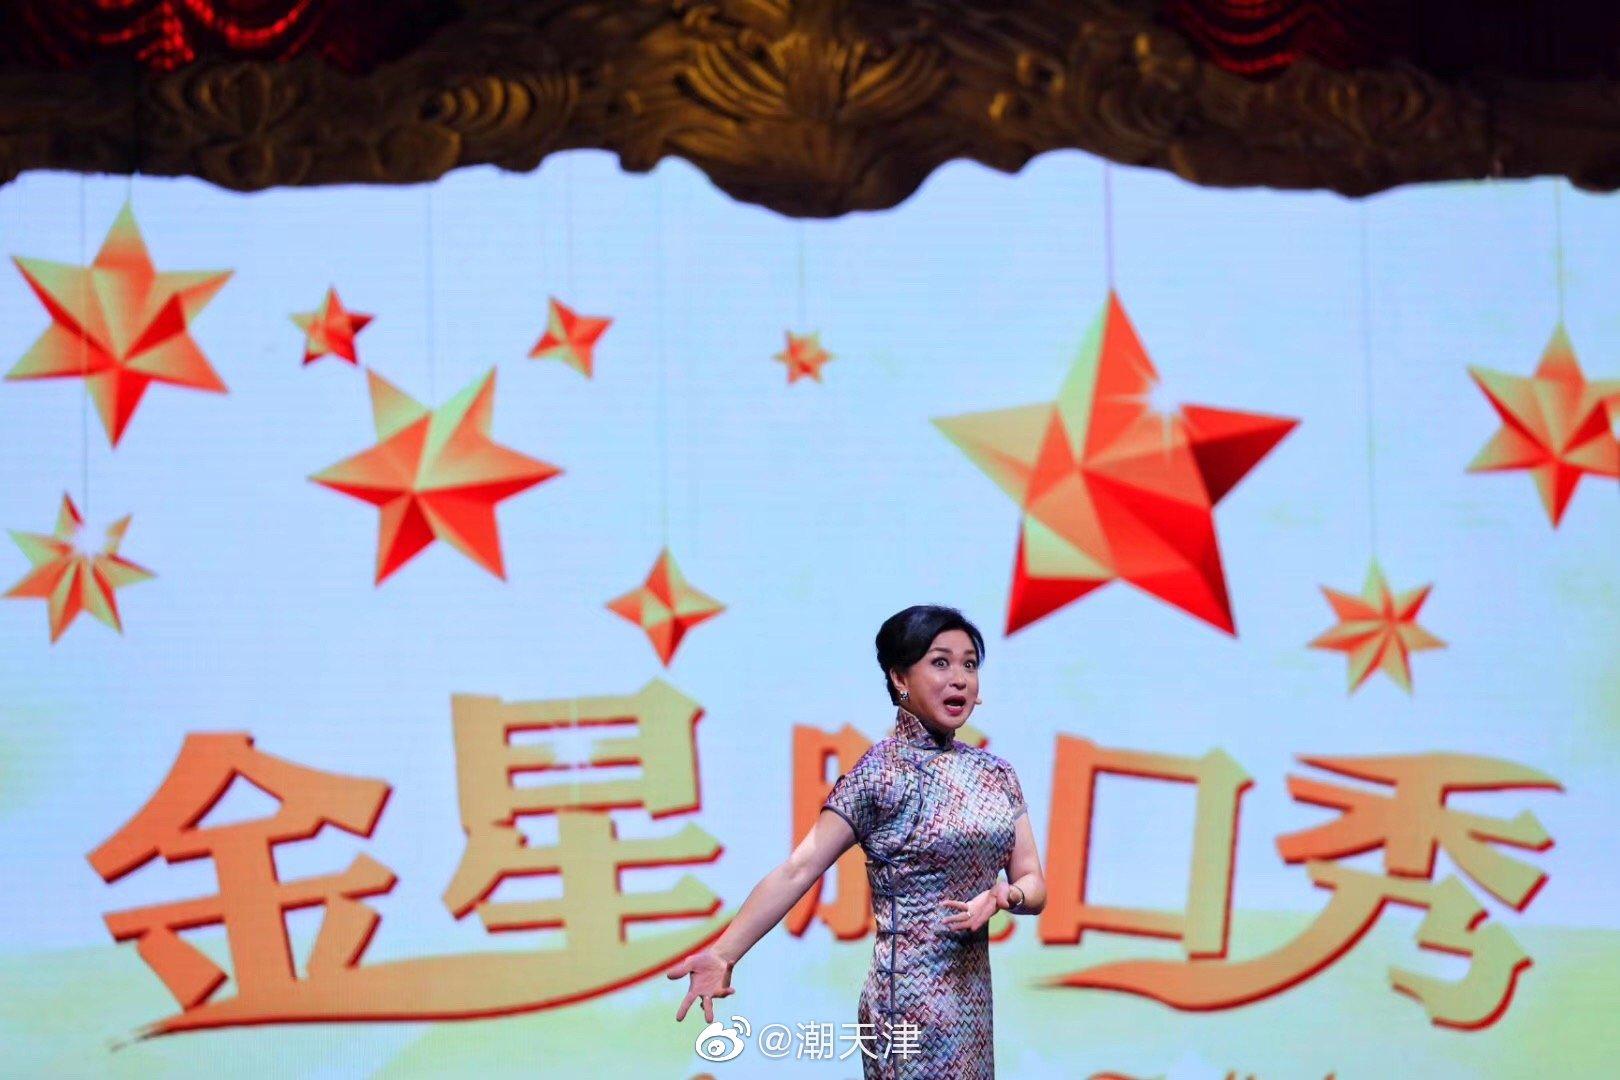 昨晚的天津大剧院,金星带来剧场版《金星脱口秀》,聊生活